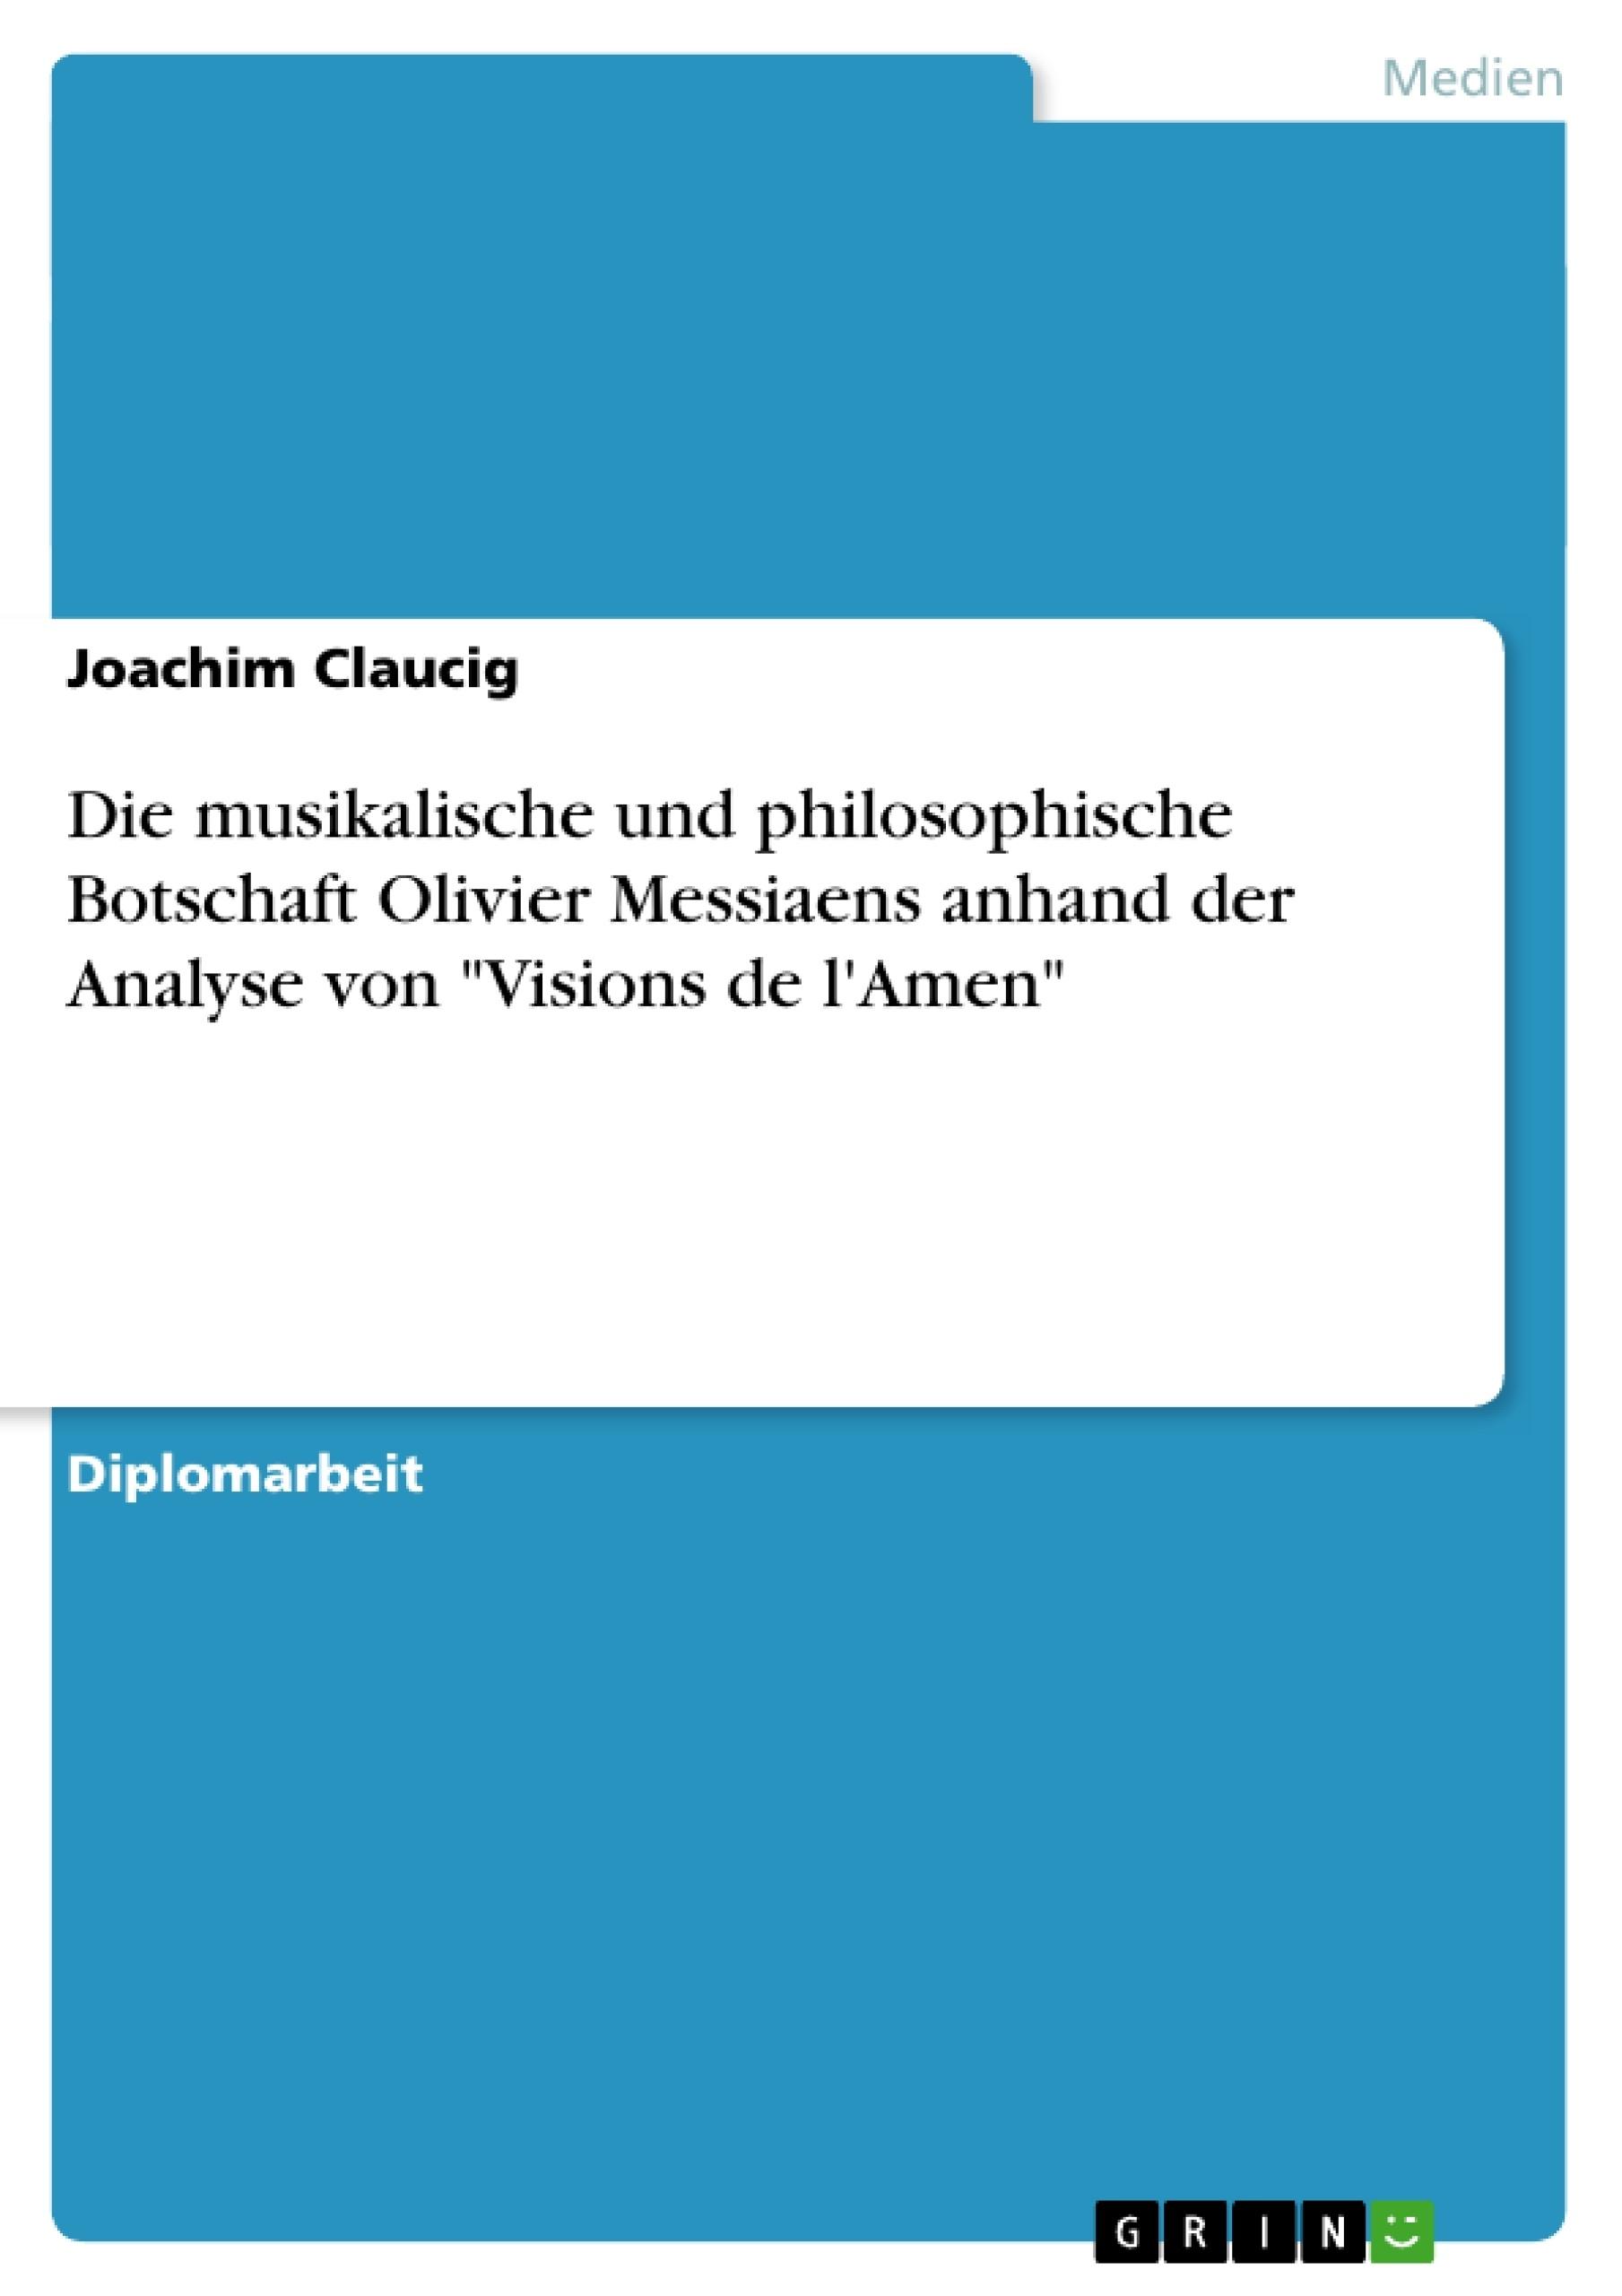 """Titel: Die musikalische und philosophische Botschaft Olivier Messiaens anhand der Analyse von """"Visions de l'Amen"""""""